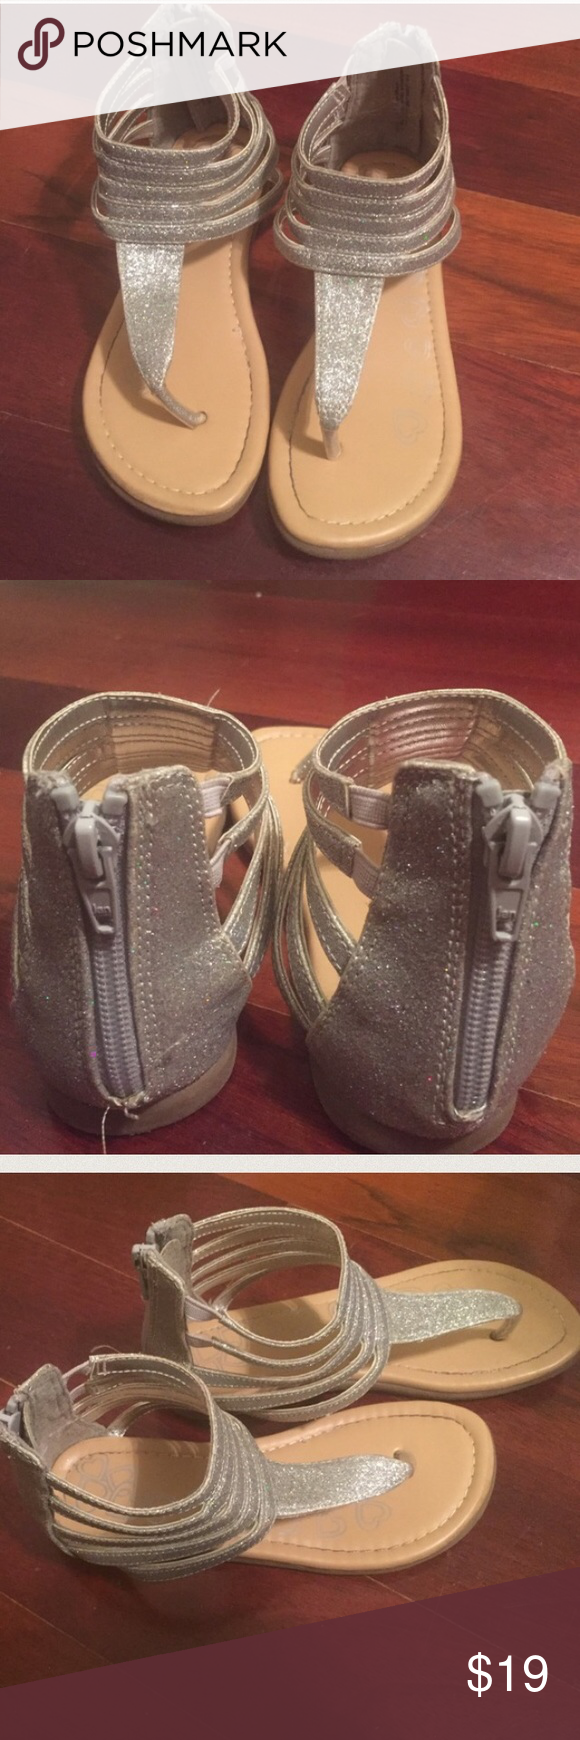 ❌Final Price ⬇️❌ Silver Children's Place Sandals Silver Children's Place Sandals Children's Place Shoes Sandals & Flip Flops